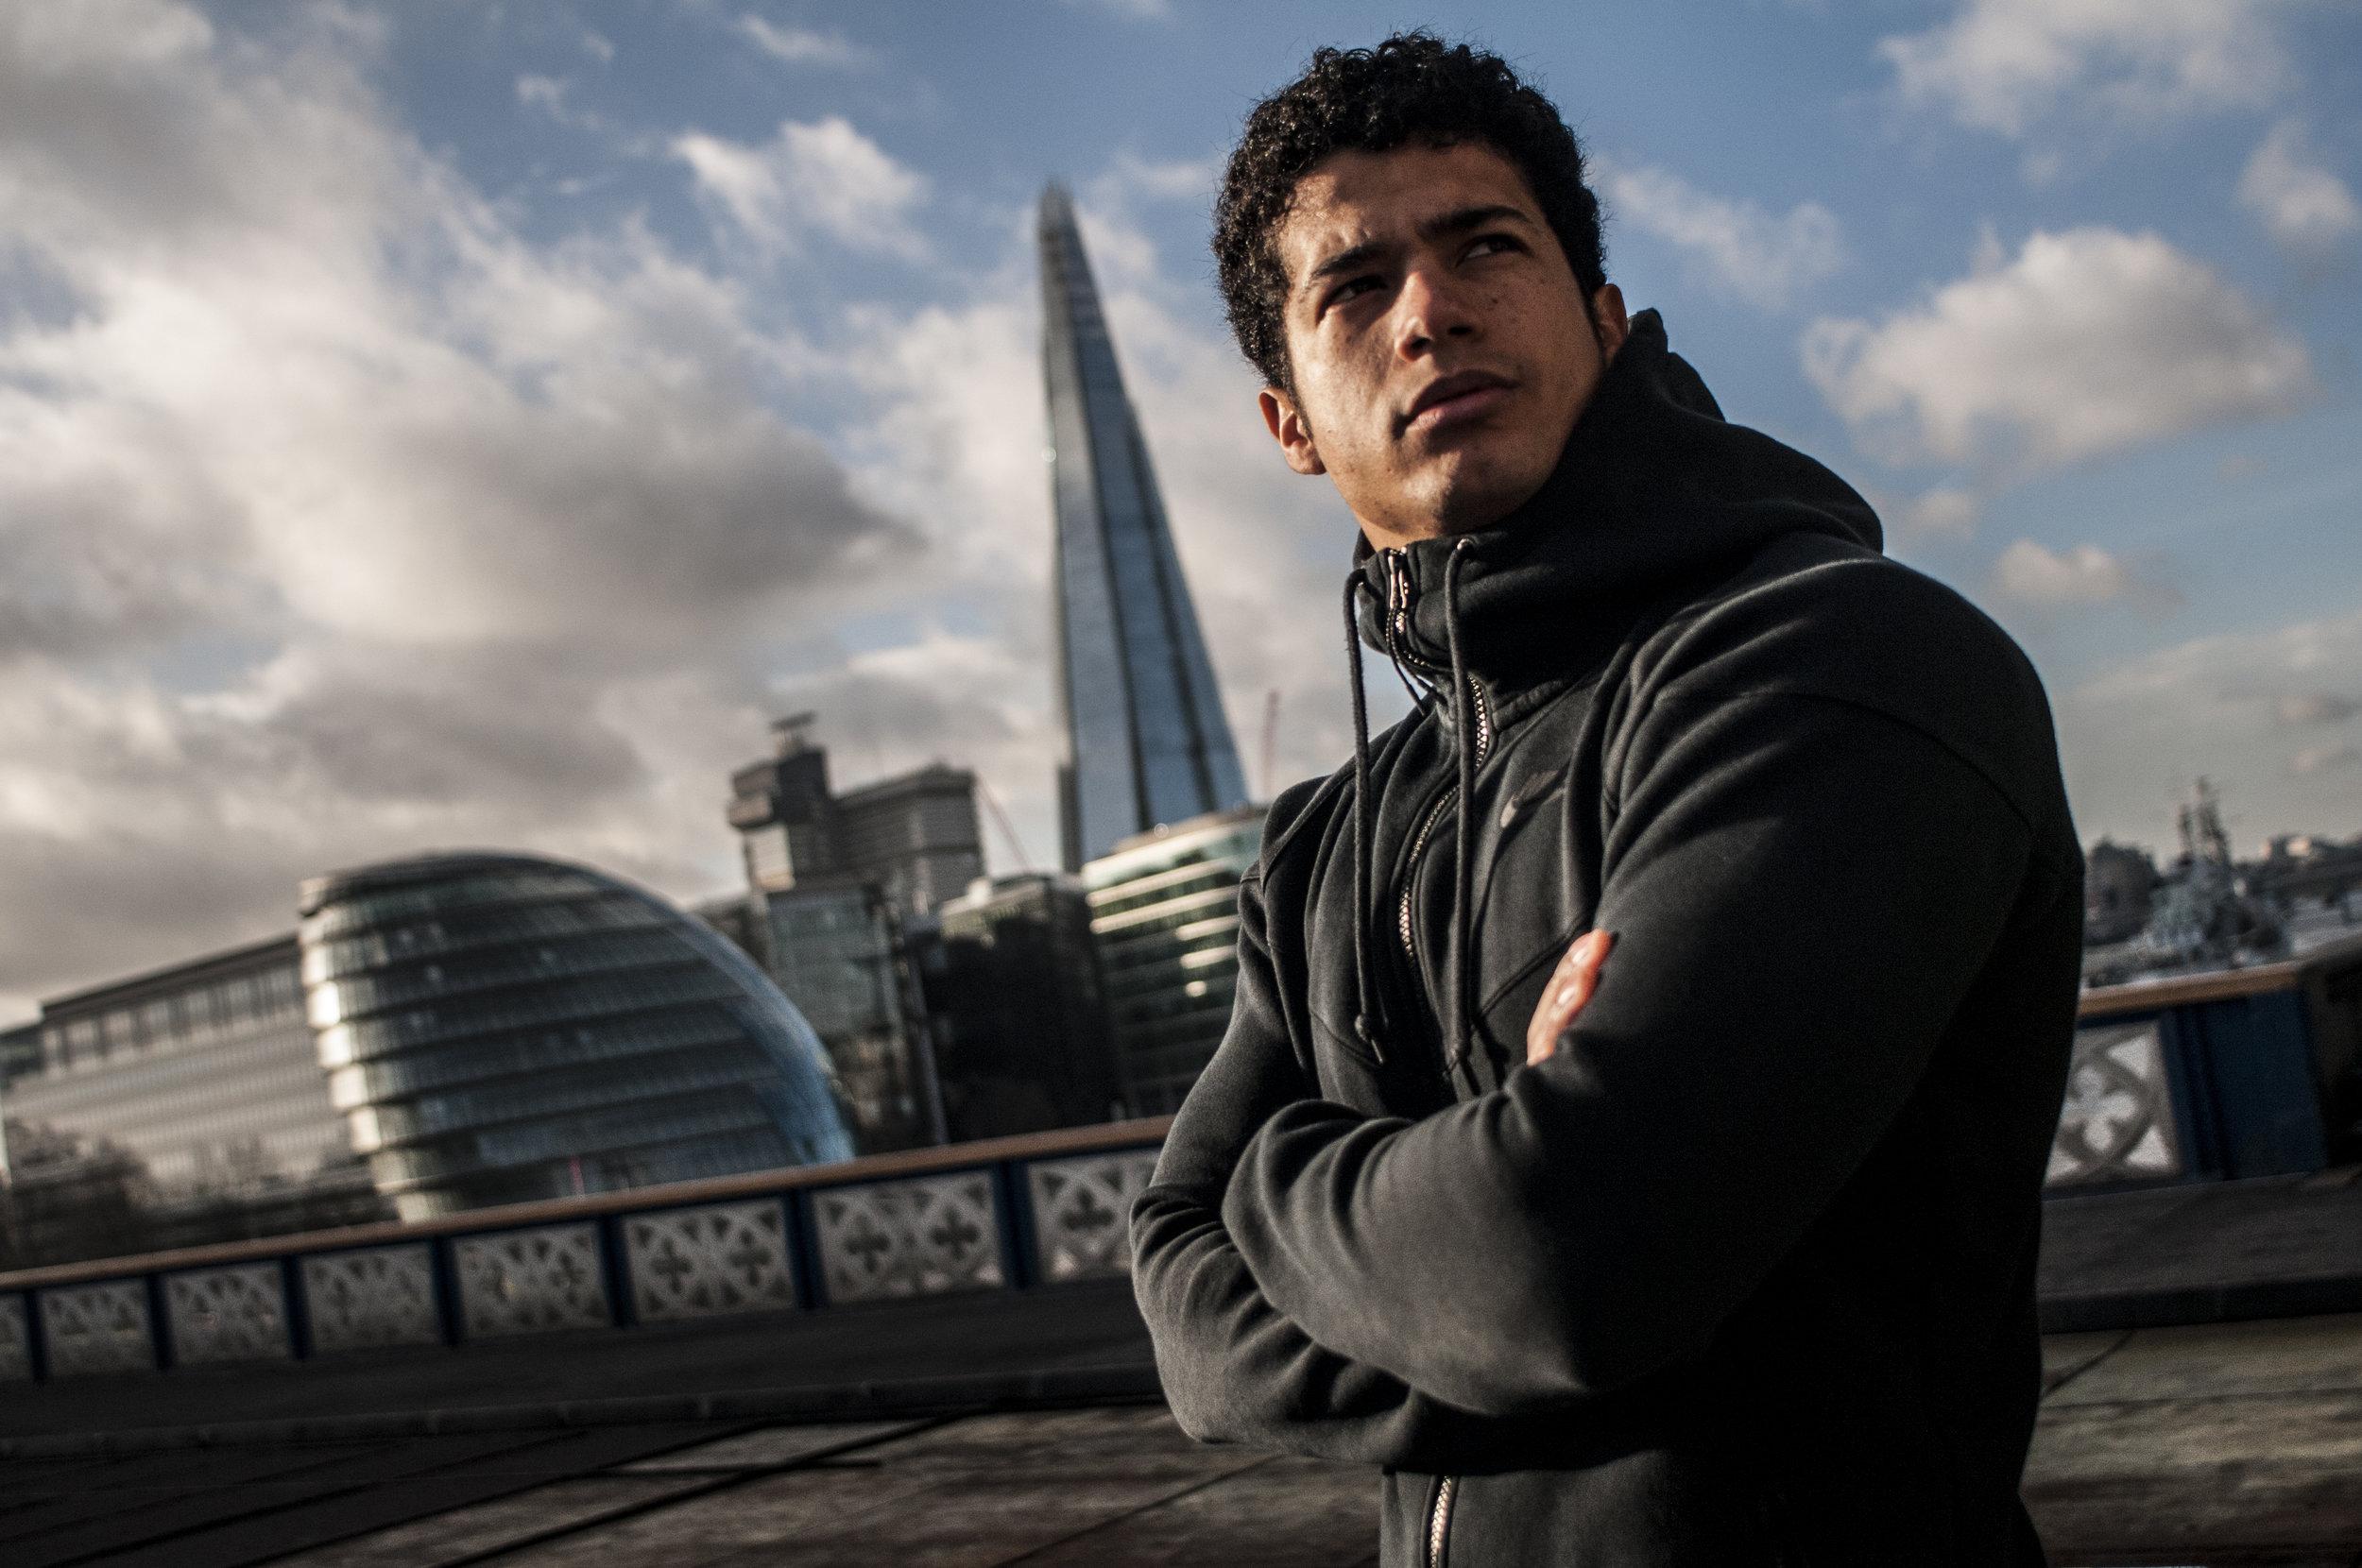 Personal Trainer London Samuel Figueroa